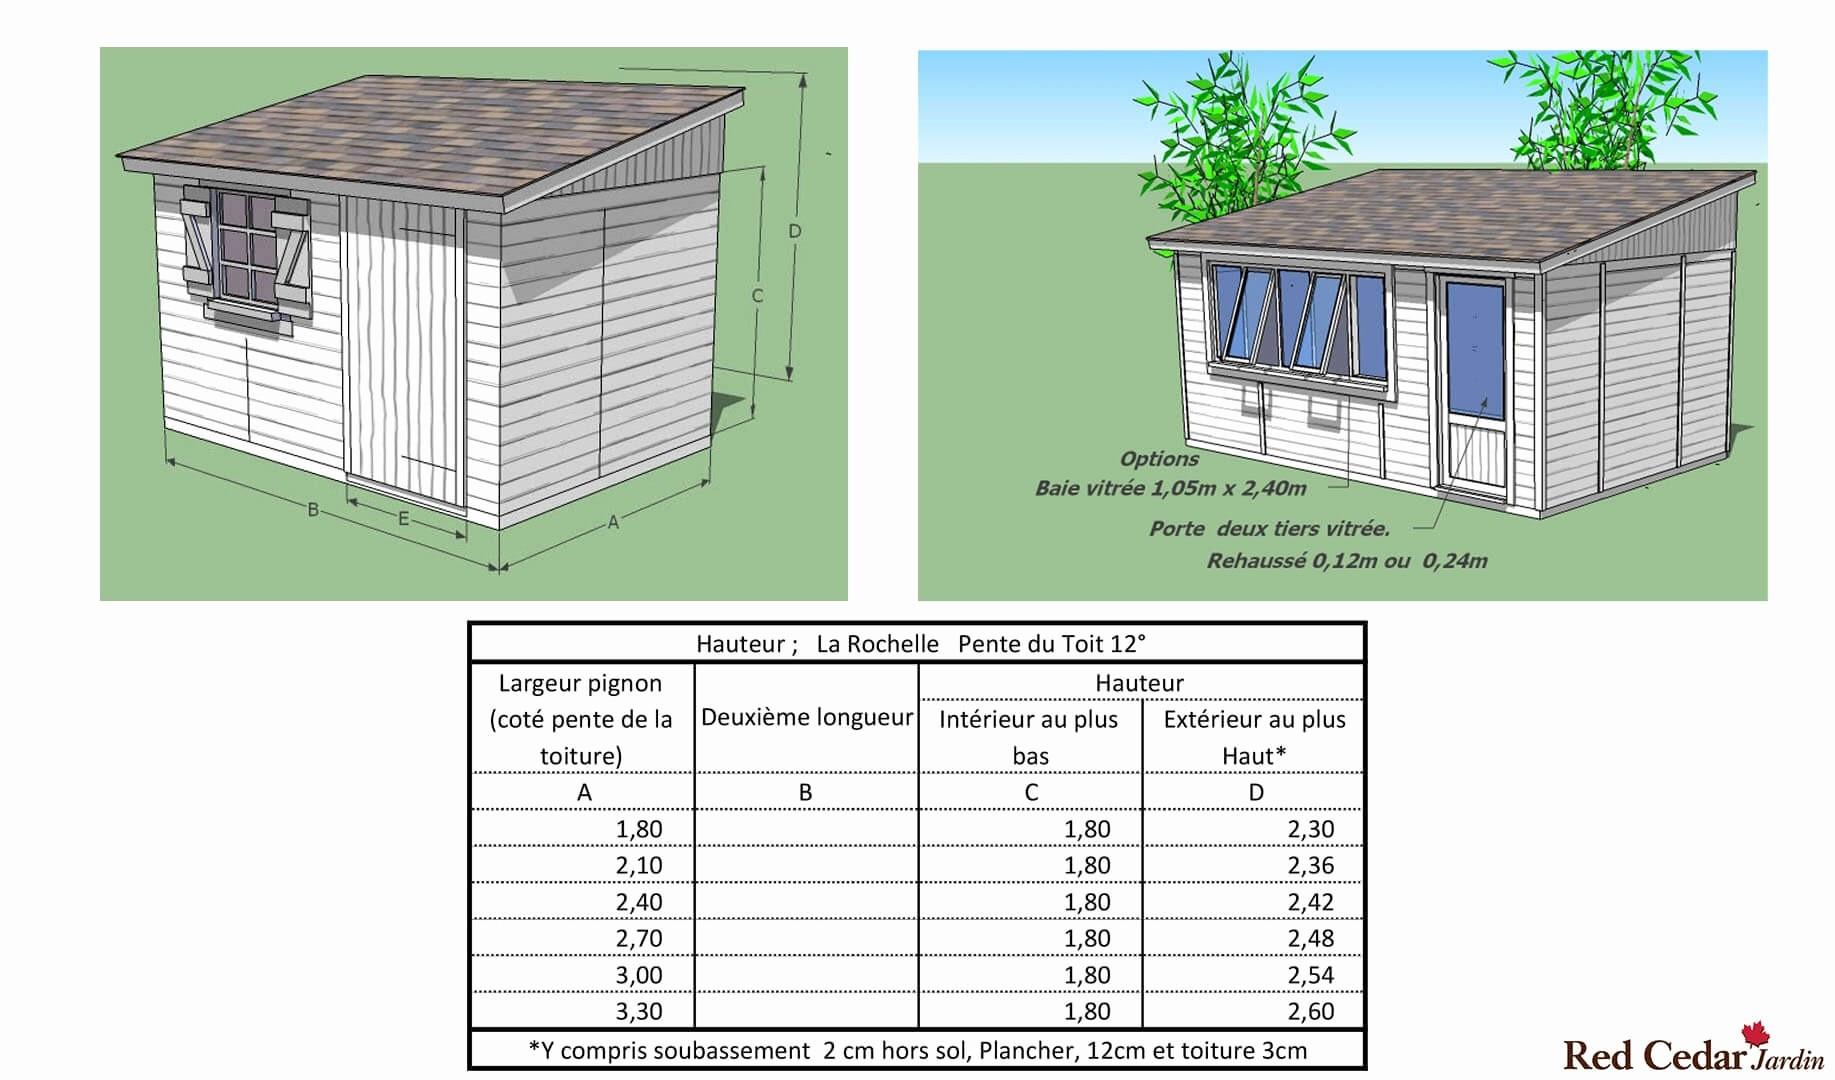 Abris De Jardin Pas Cher Brico Depot Élégant Photos Plan Abri De Jardin Bois De Merveilleux Brico Depot Abri De Jardin